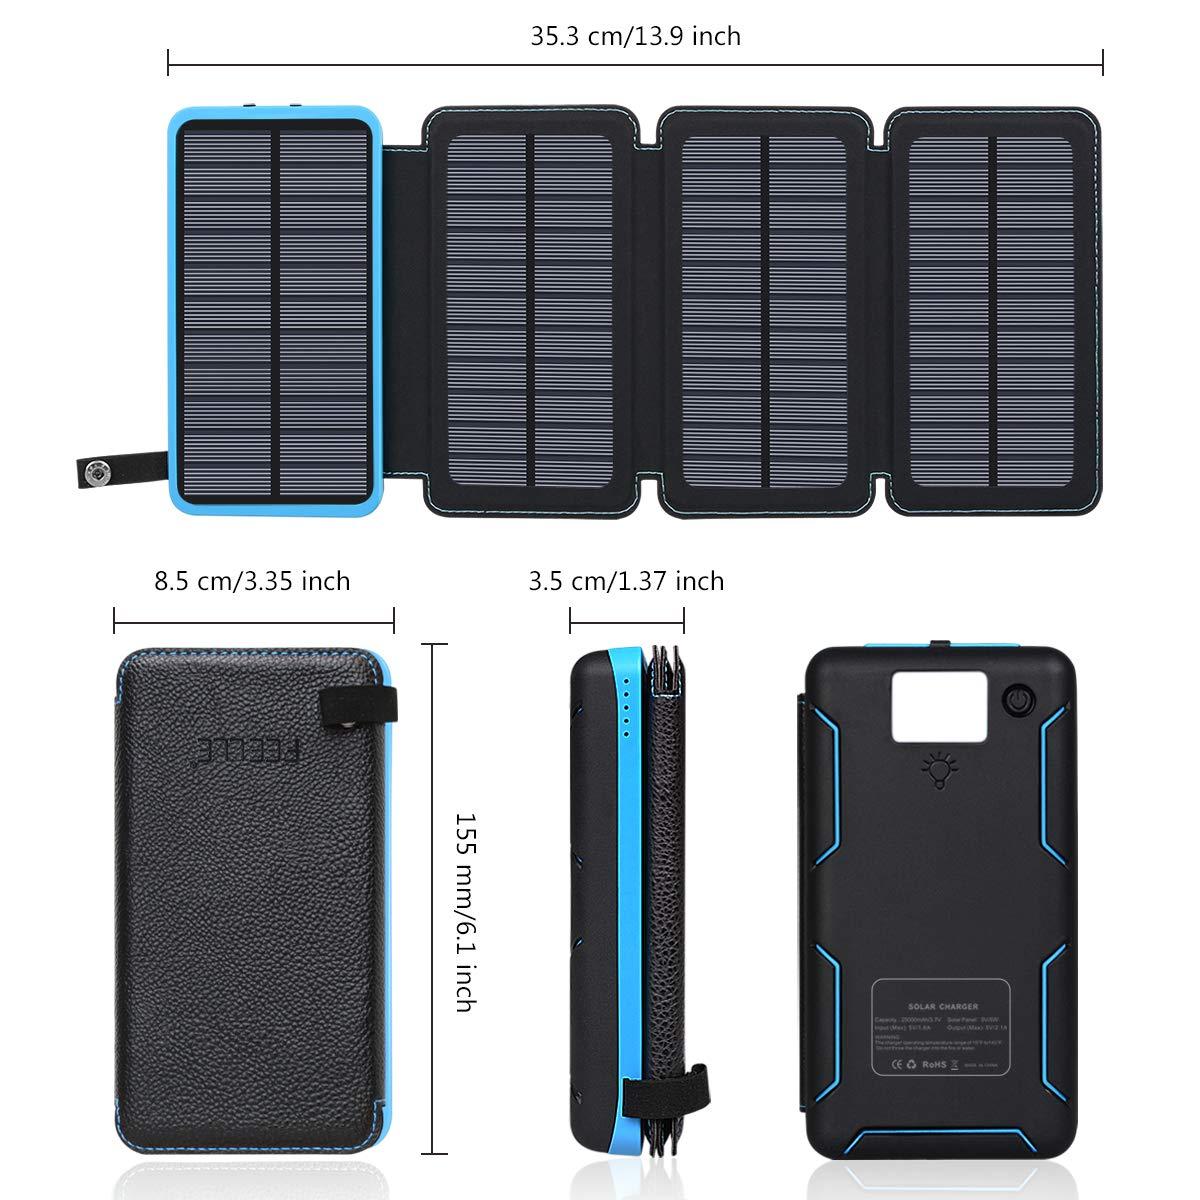 FEELLE Solar Portable Power Bank